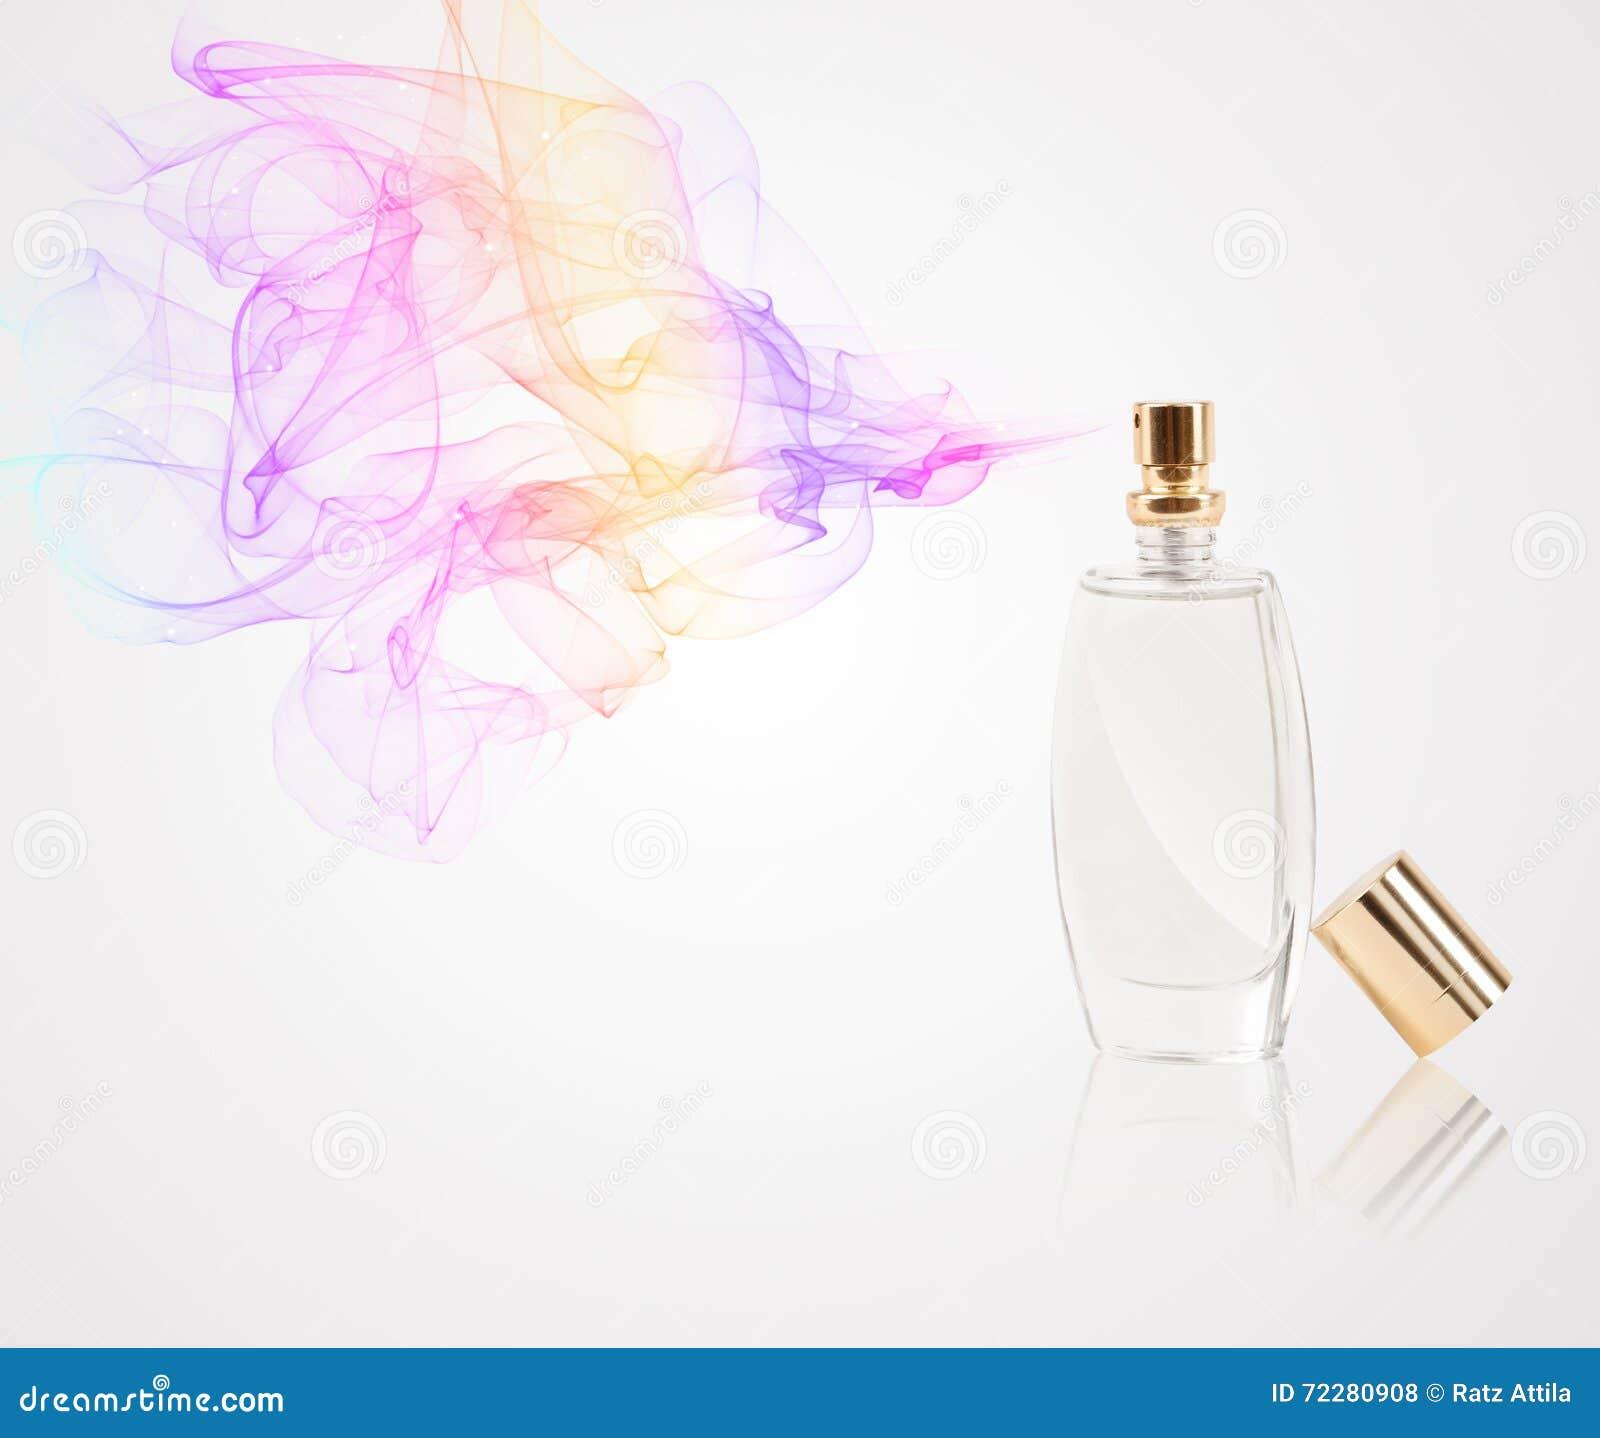 Download Флакон духов распыляя покрашенный нюх Стоковое Фото - изображение насчитывающей конспектов, покрашено: 72280908